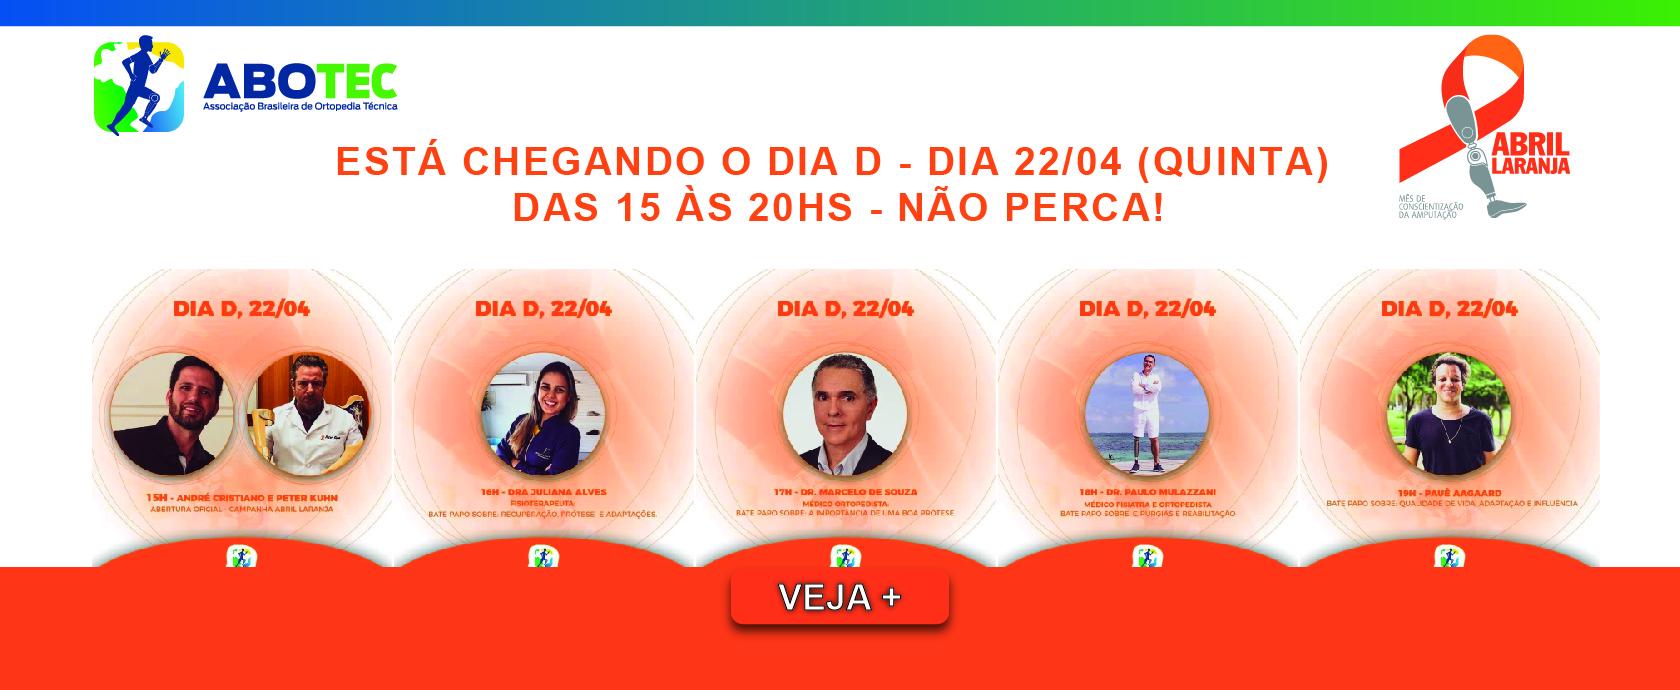 ESTÁ CHEGANDO O DIA D - DIA 22/04 (QUINTA)  DAS 15 ÀS 20HS - NÃO PERCA!